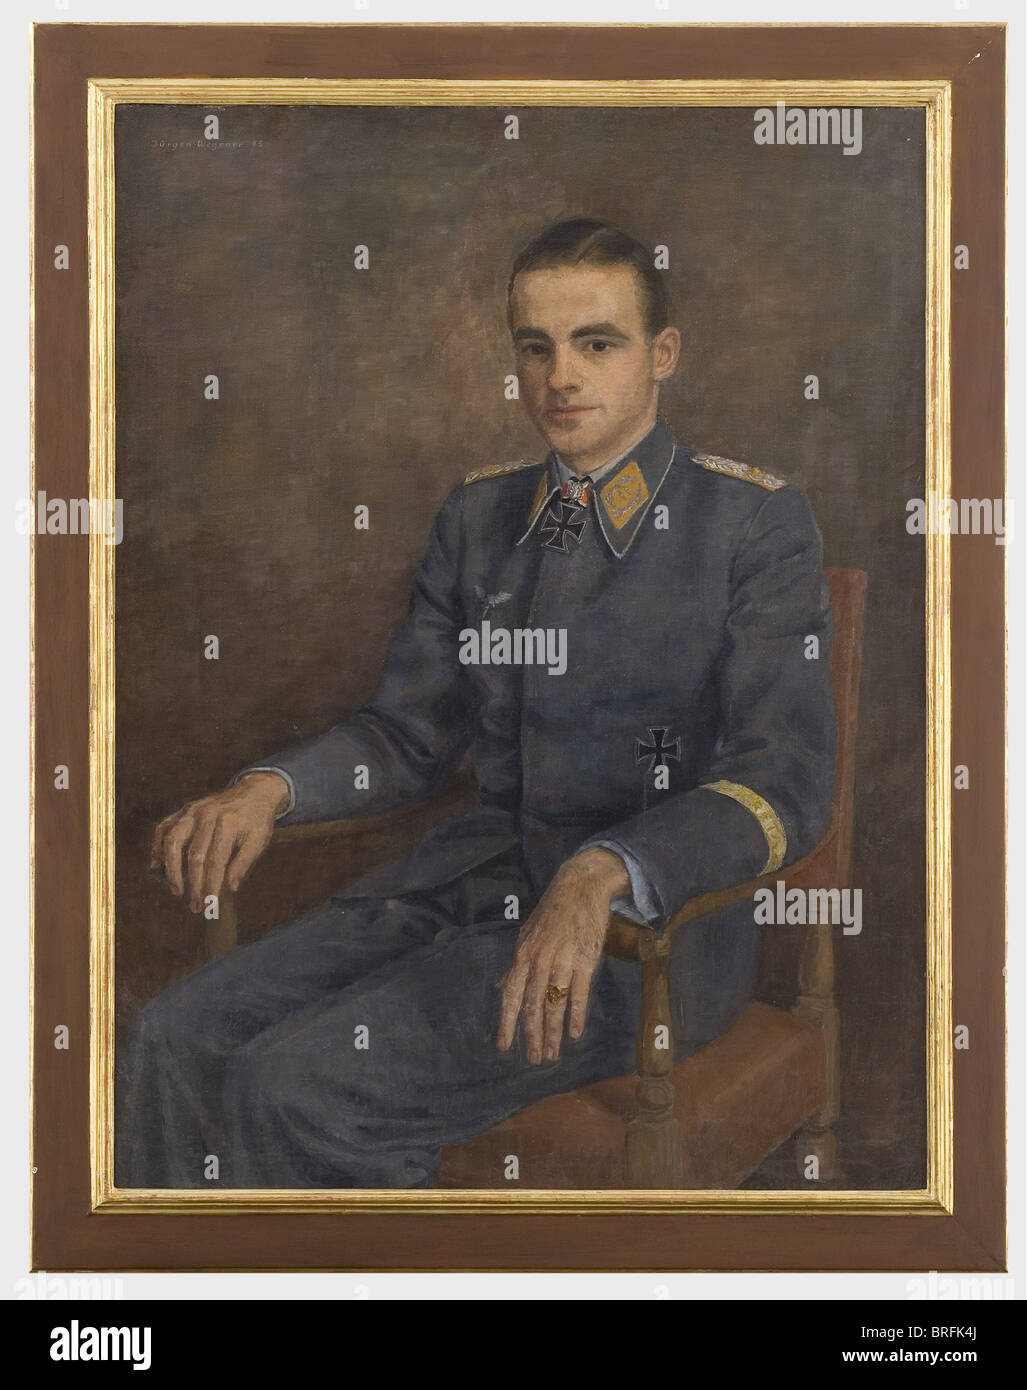 Oberstleutnant Hans-Karl Stepp - un ritratto dipinto, olio su tela. Il giovane tenente colonnello e comandante di Immagini Stock